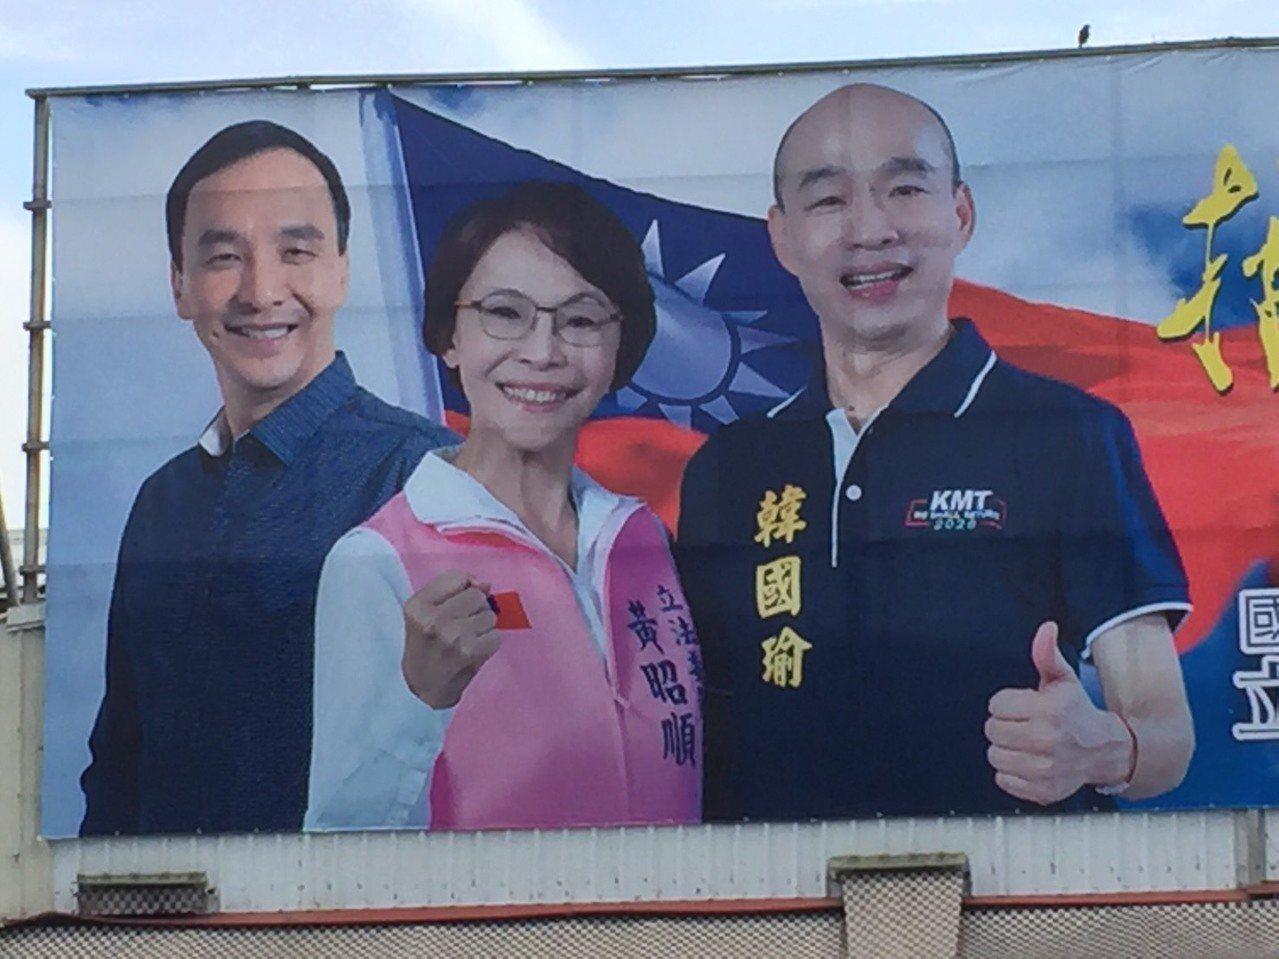 現任立委黃昭順昨天在高雄市左營區掛出「韓張配」的競選看板,她表示的確是要促成「韓...